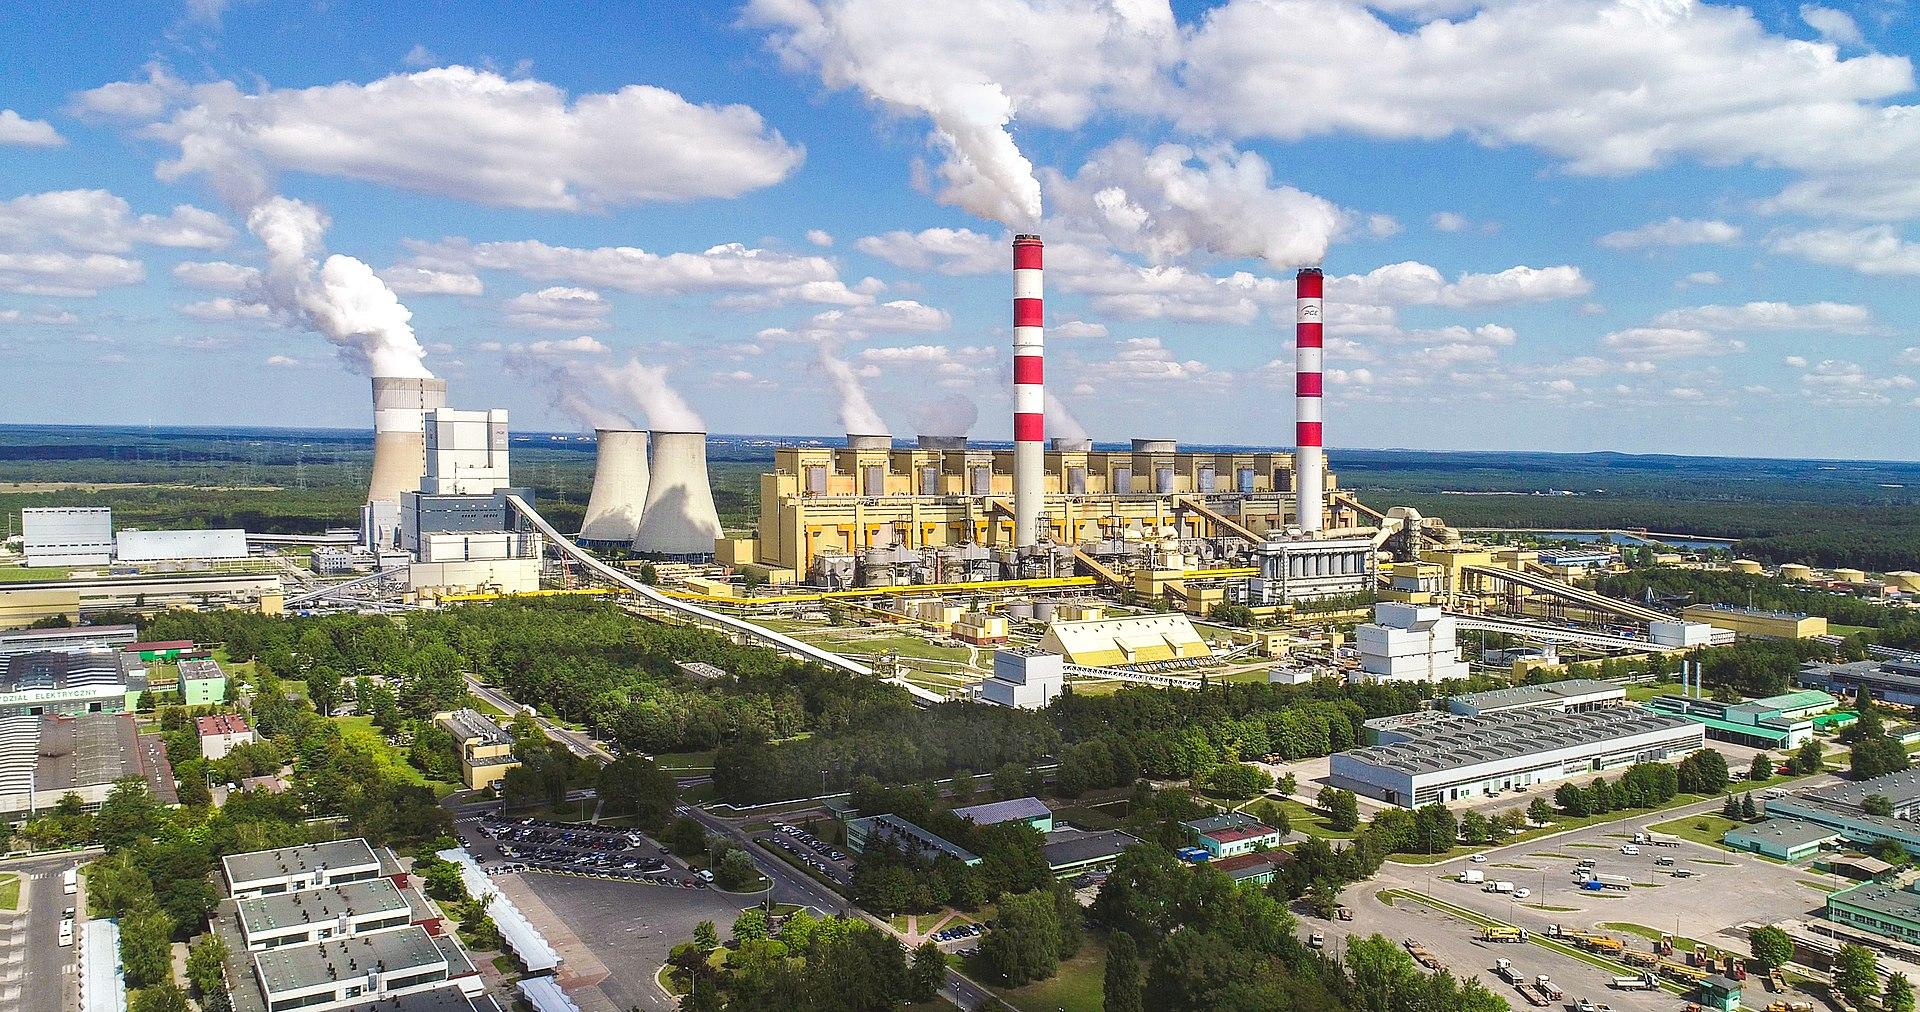 Widok z lotu ptaka na Elektrownię Bełchatów